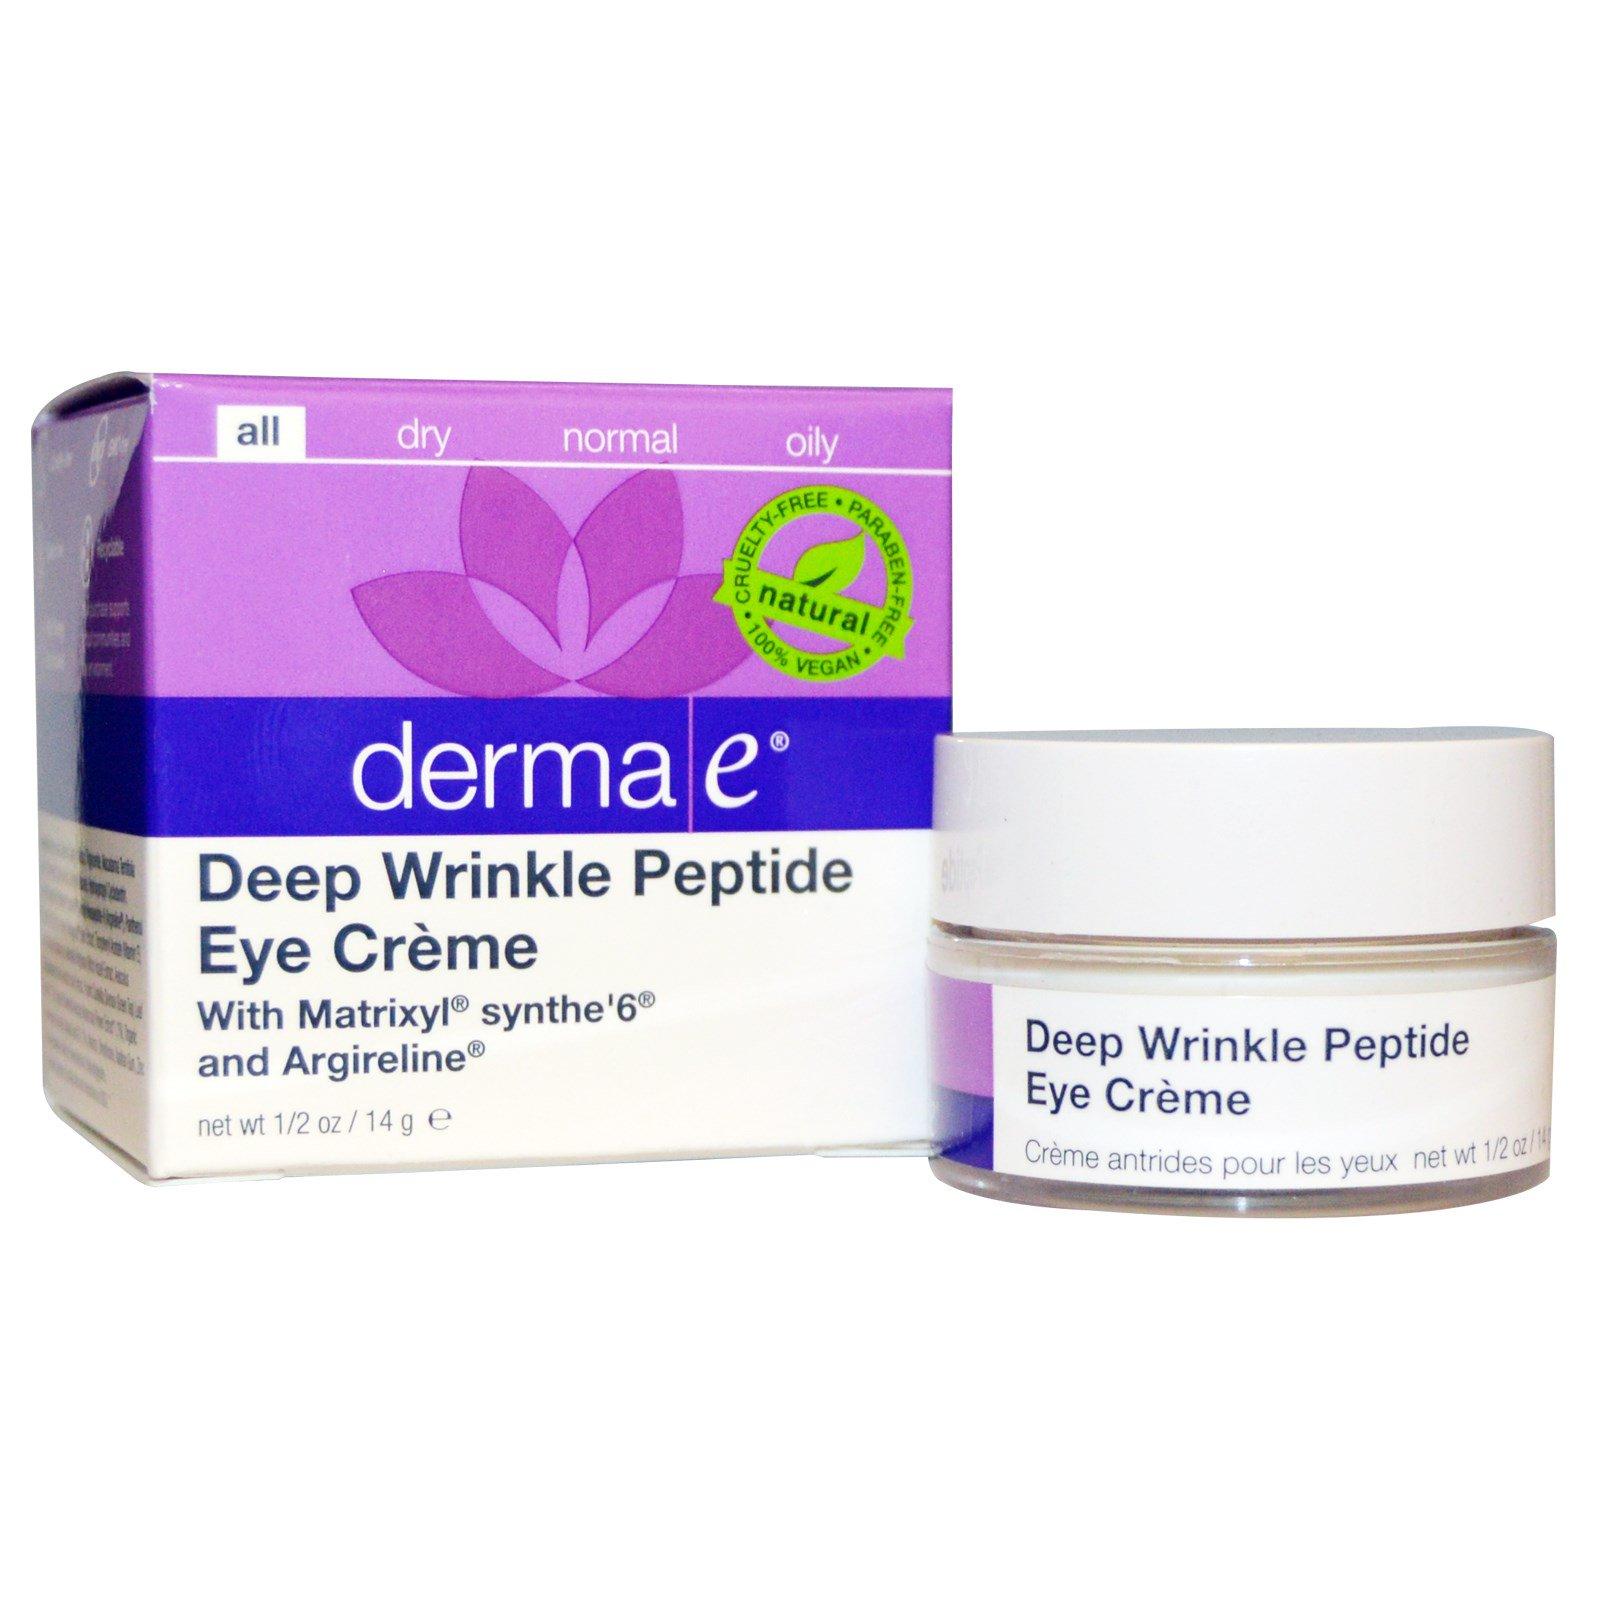 Derma E, Пептидный крем вокруг глаз против глубоких морщин, 1/2 унции (14 г)